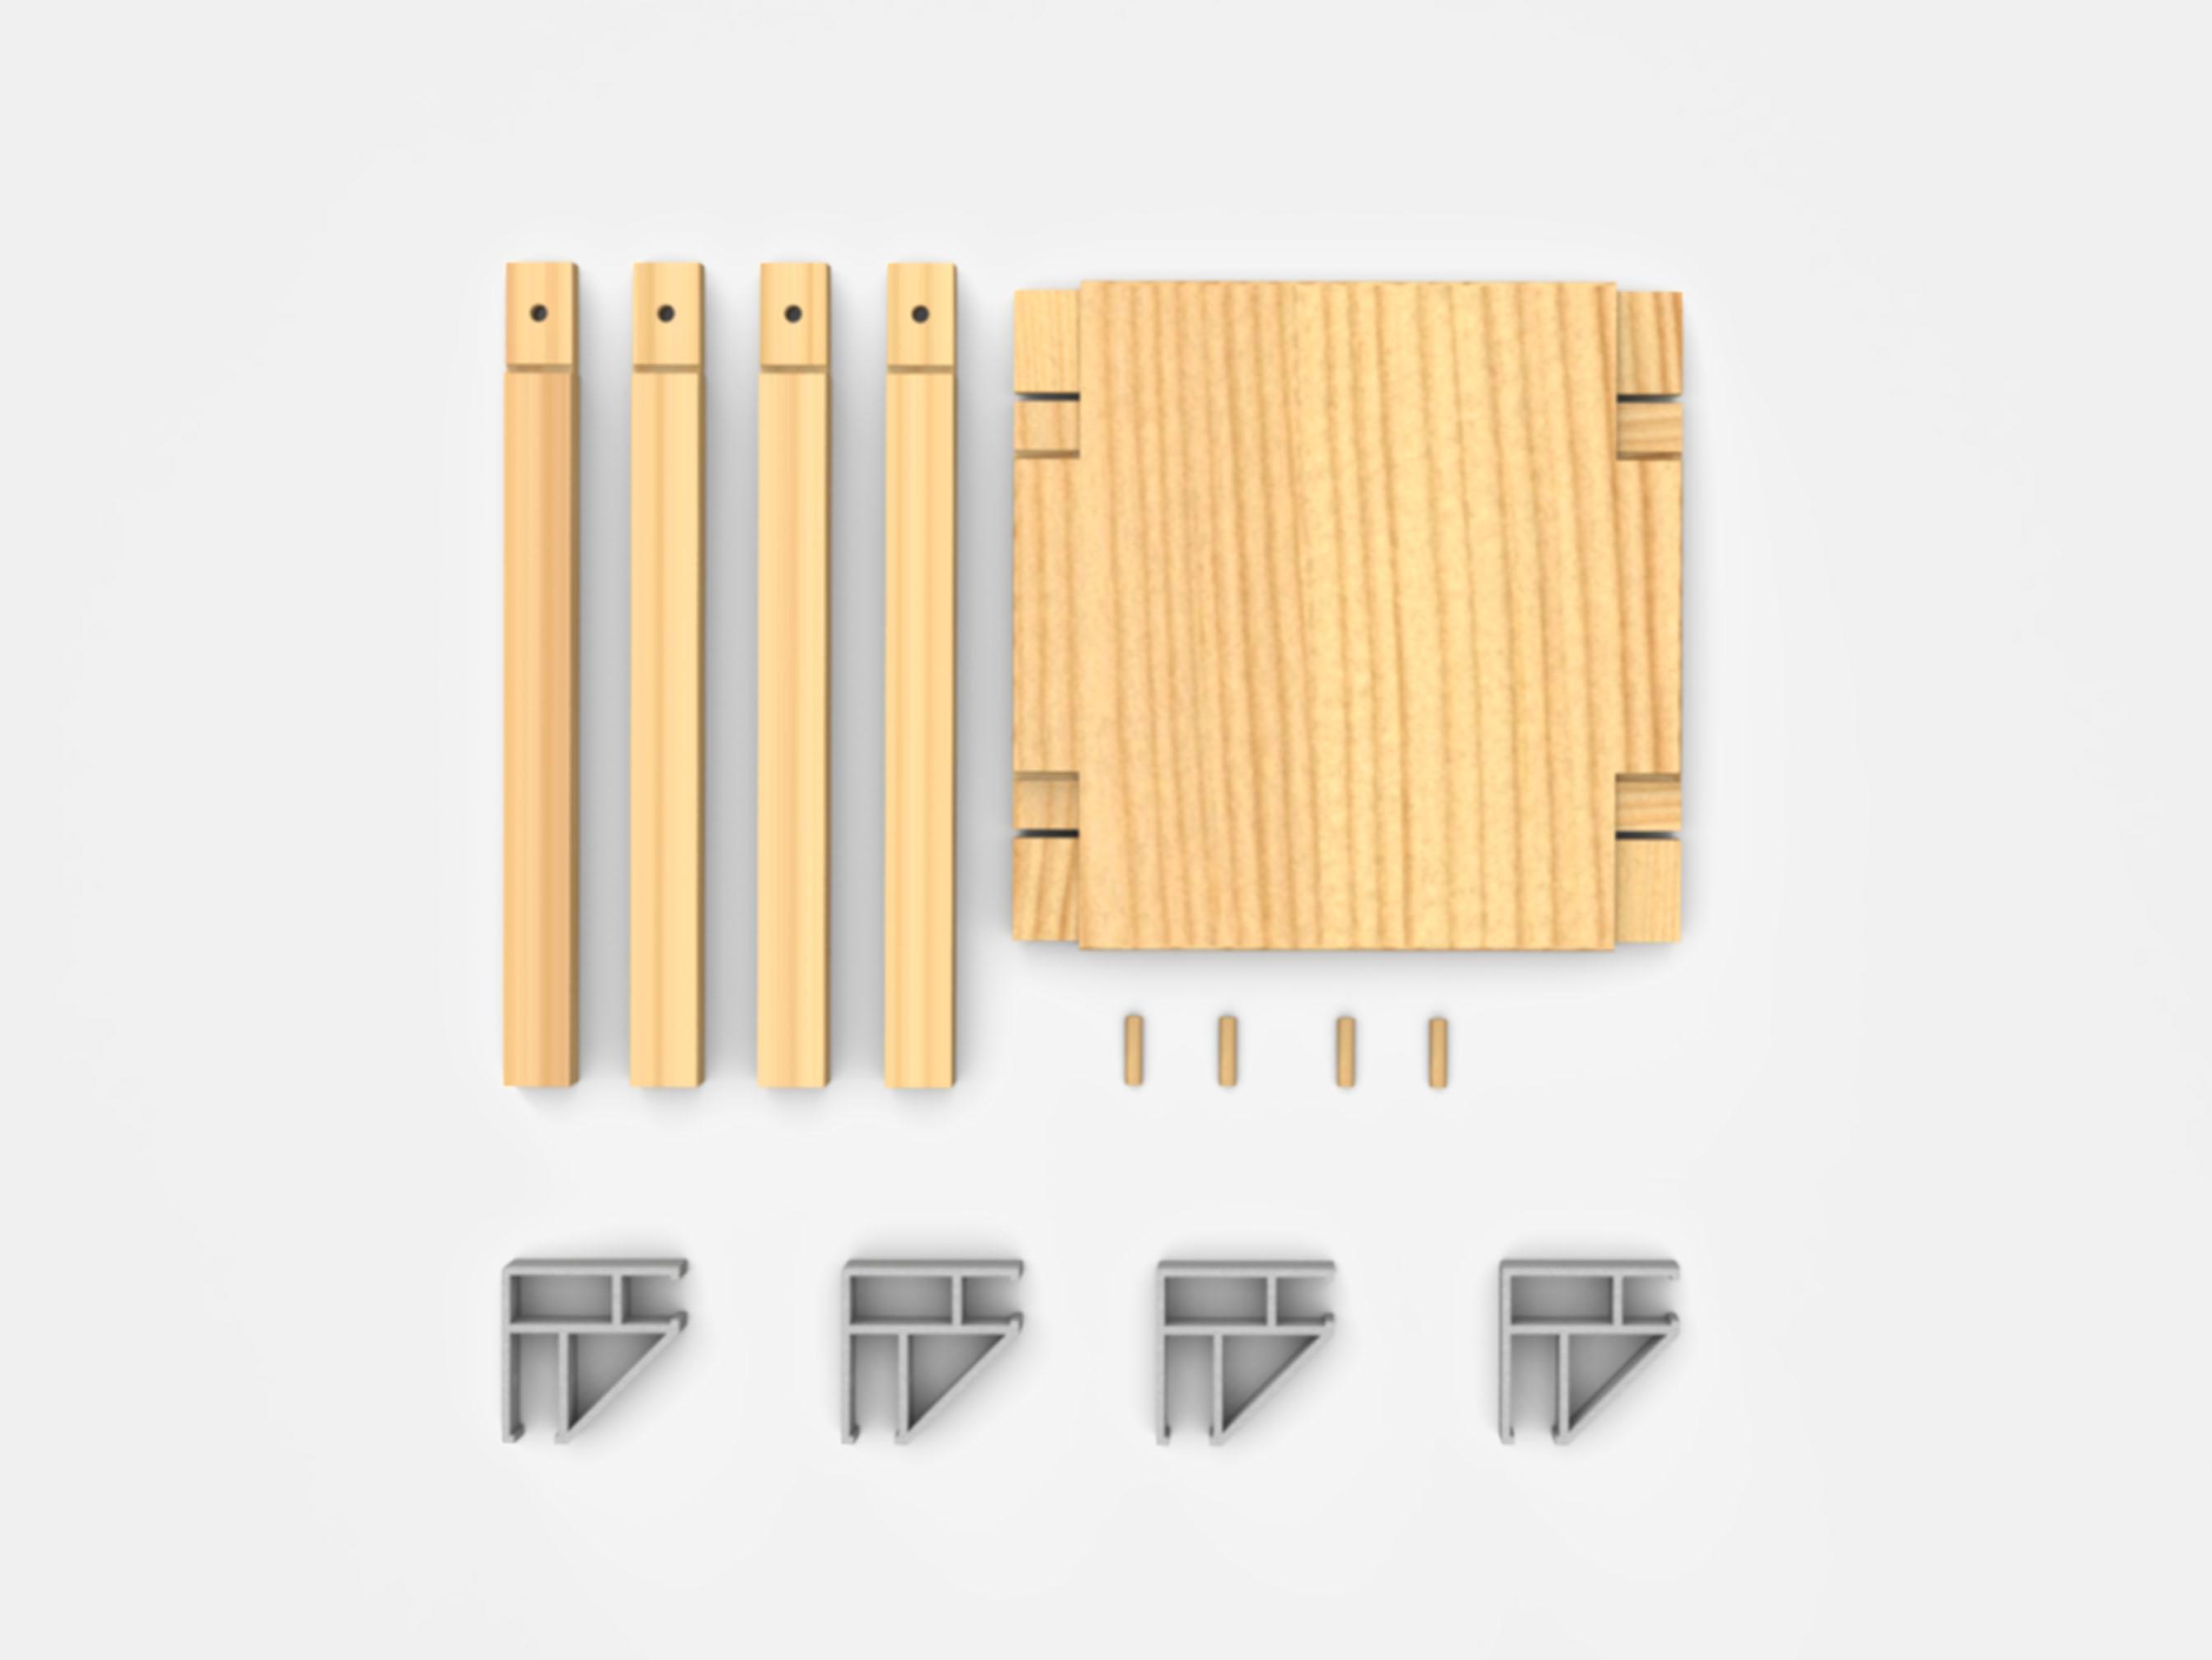 extrusion_furnitures_aluminium_ecodesign_pieces-pierre-felix-so